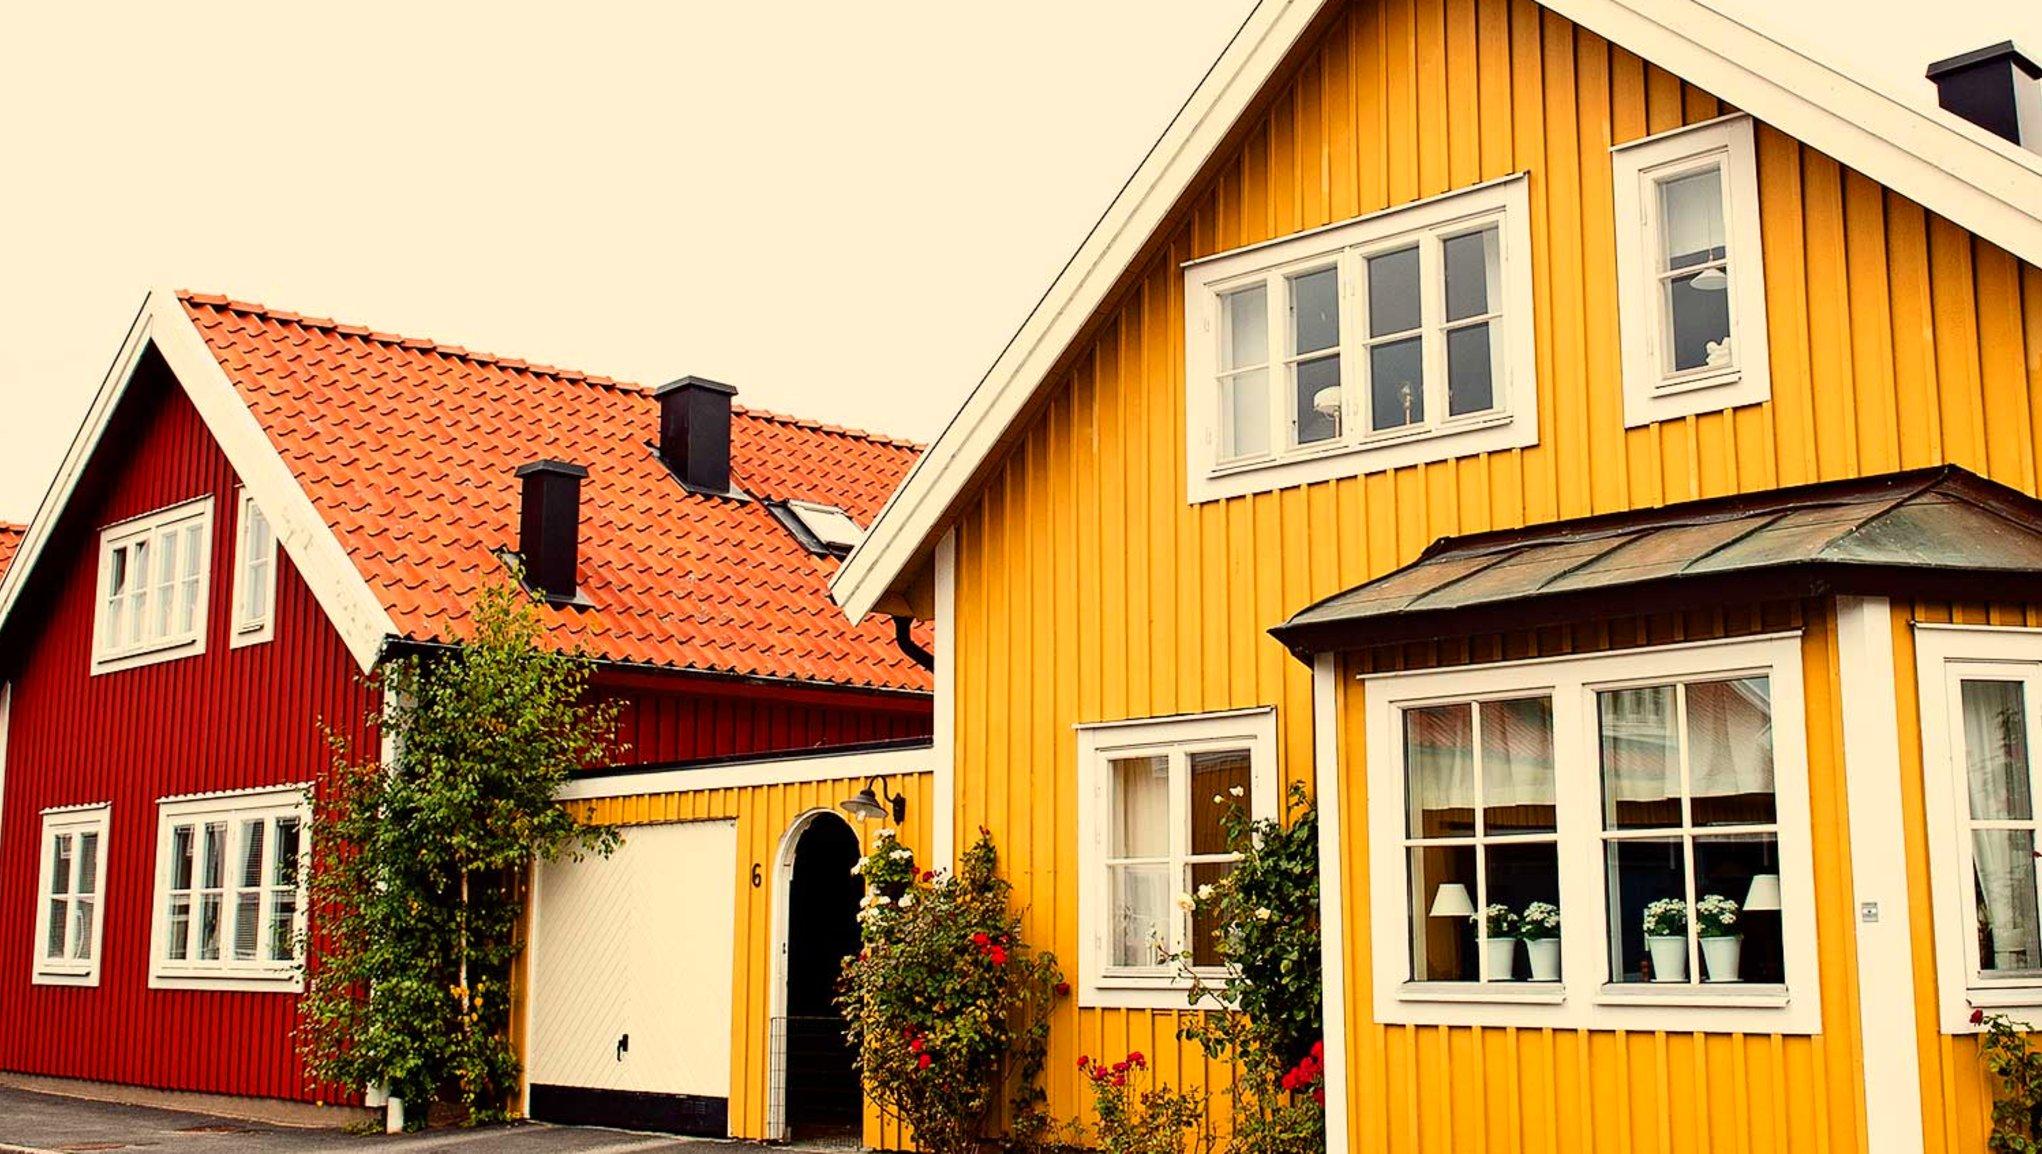 Villaförsäkring